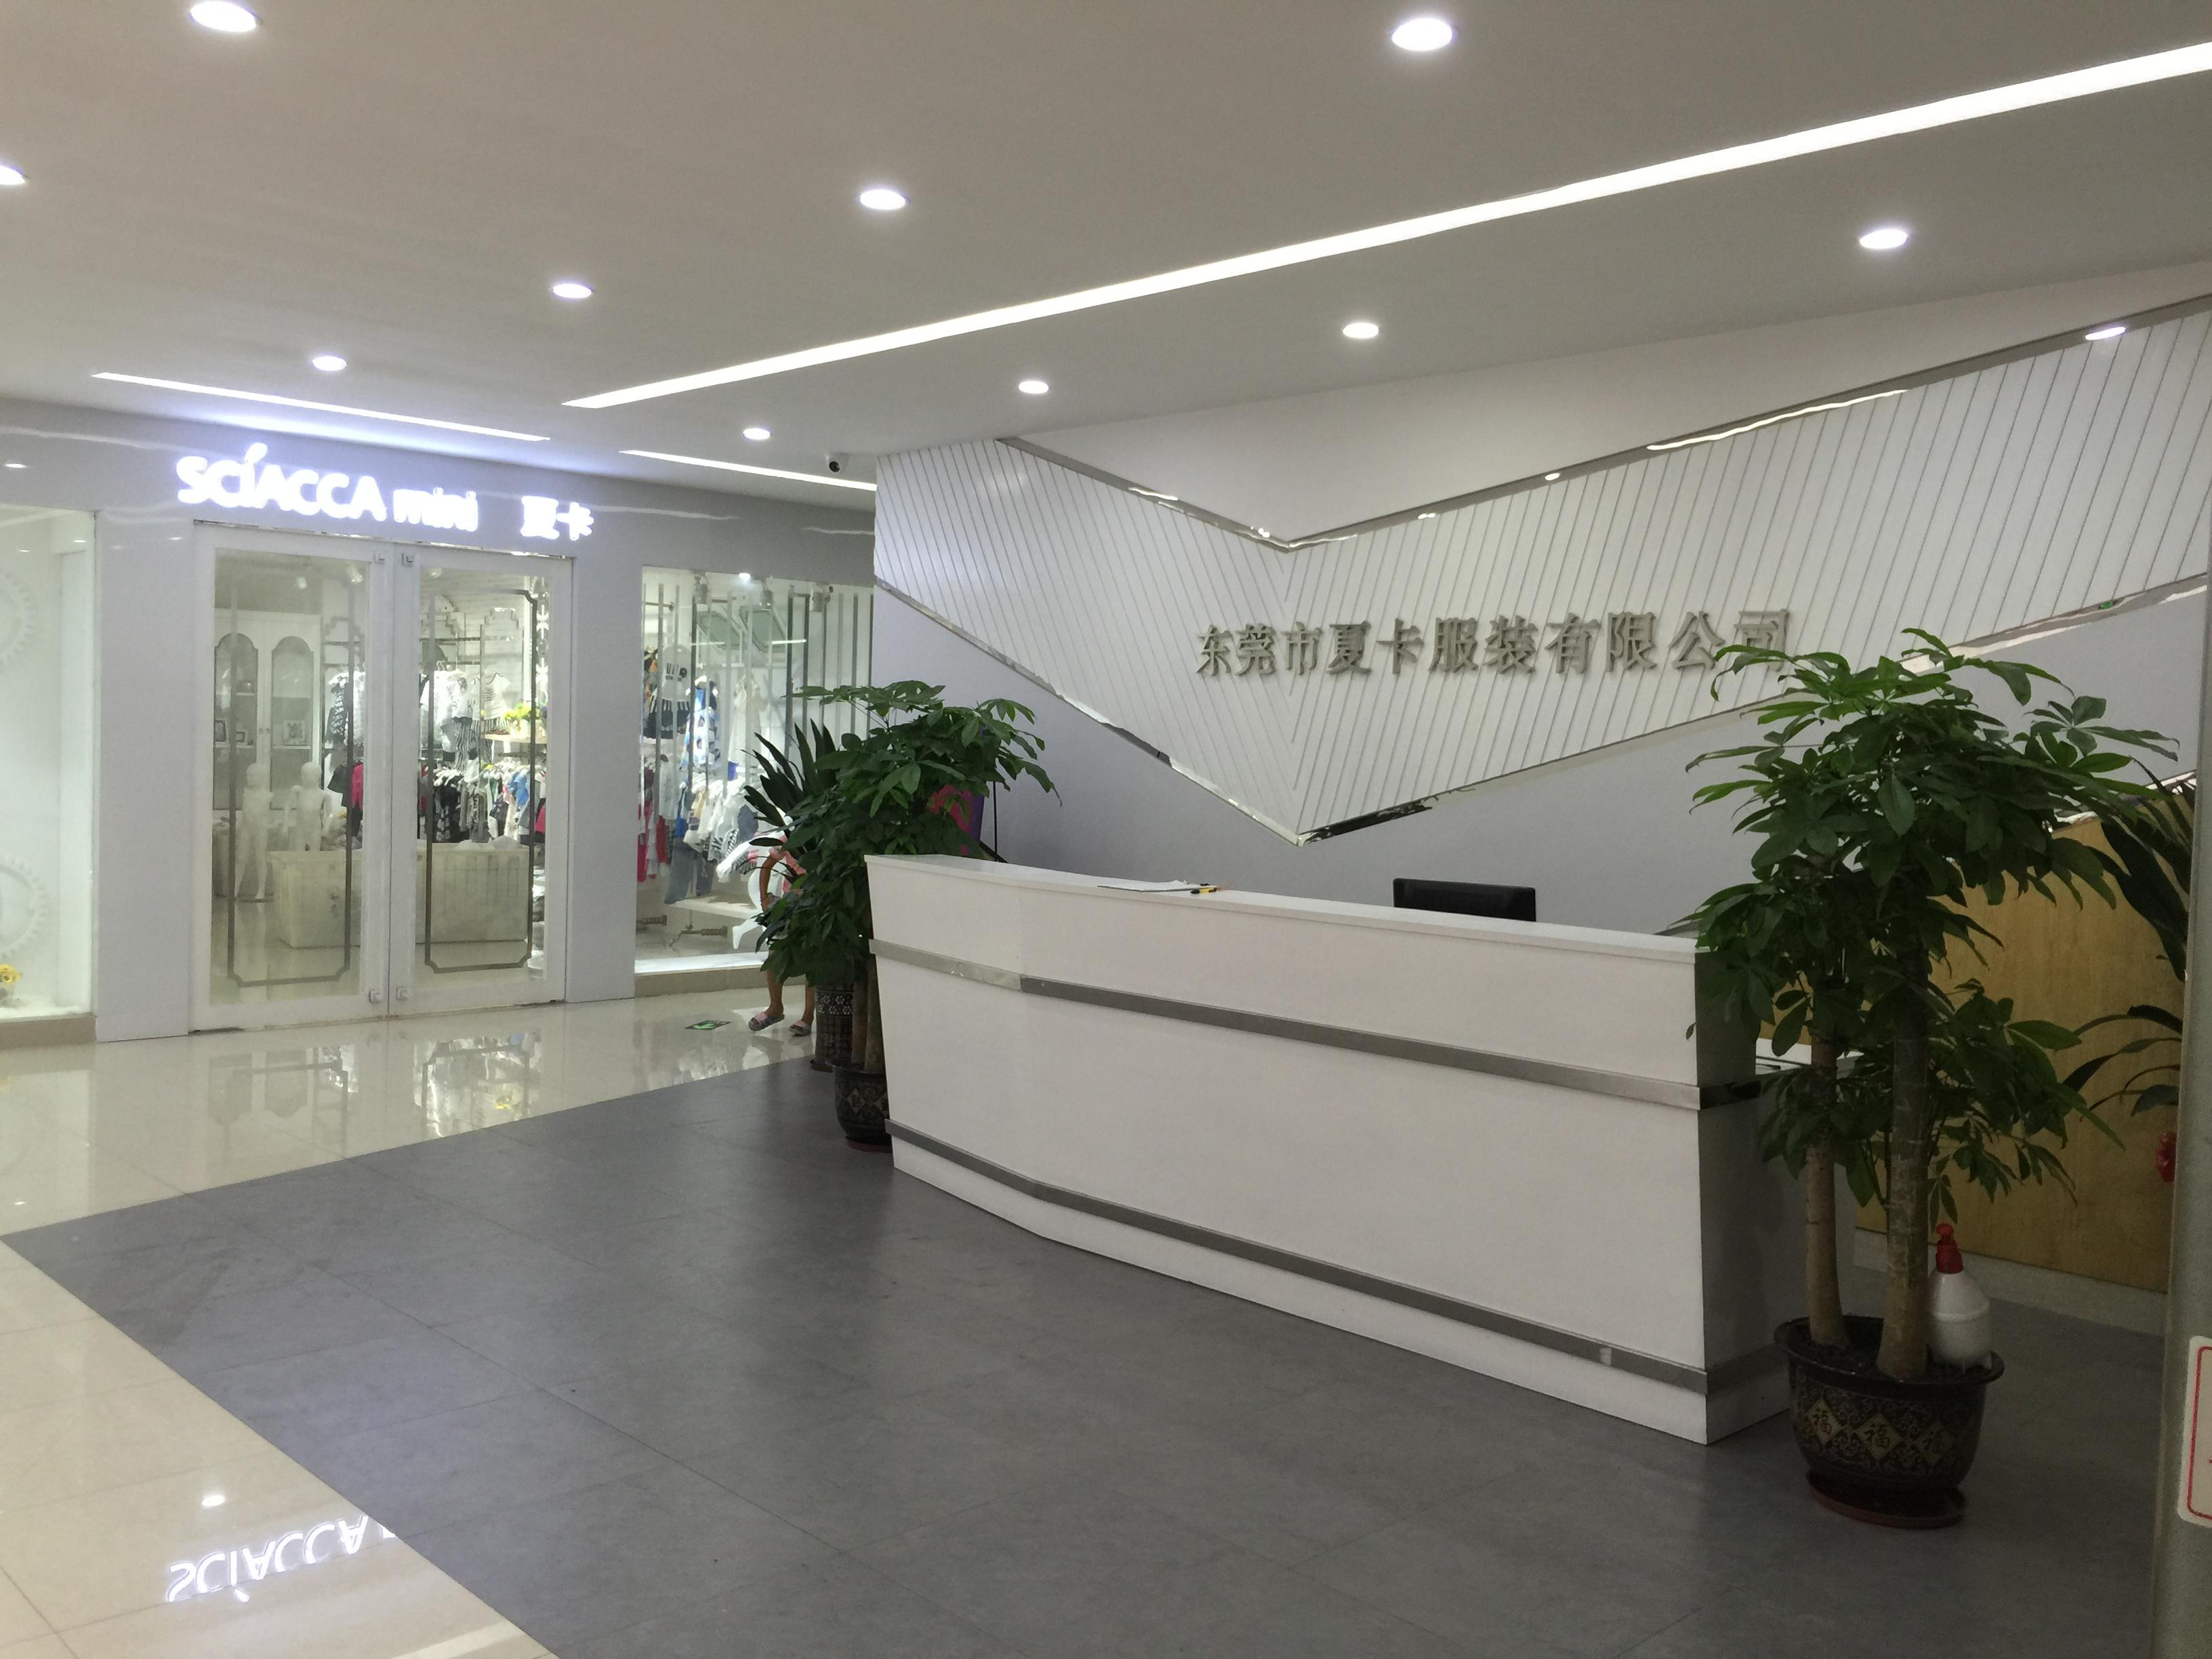 东莞市致远服饰有限公司